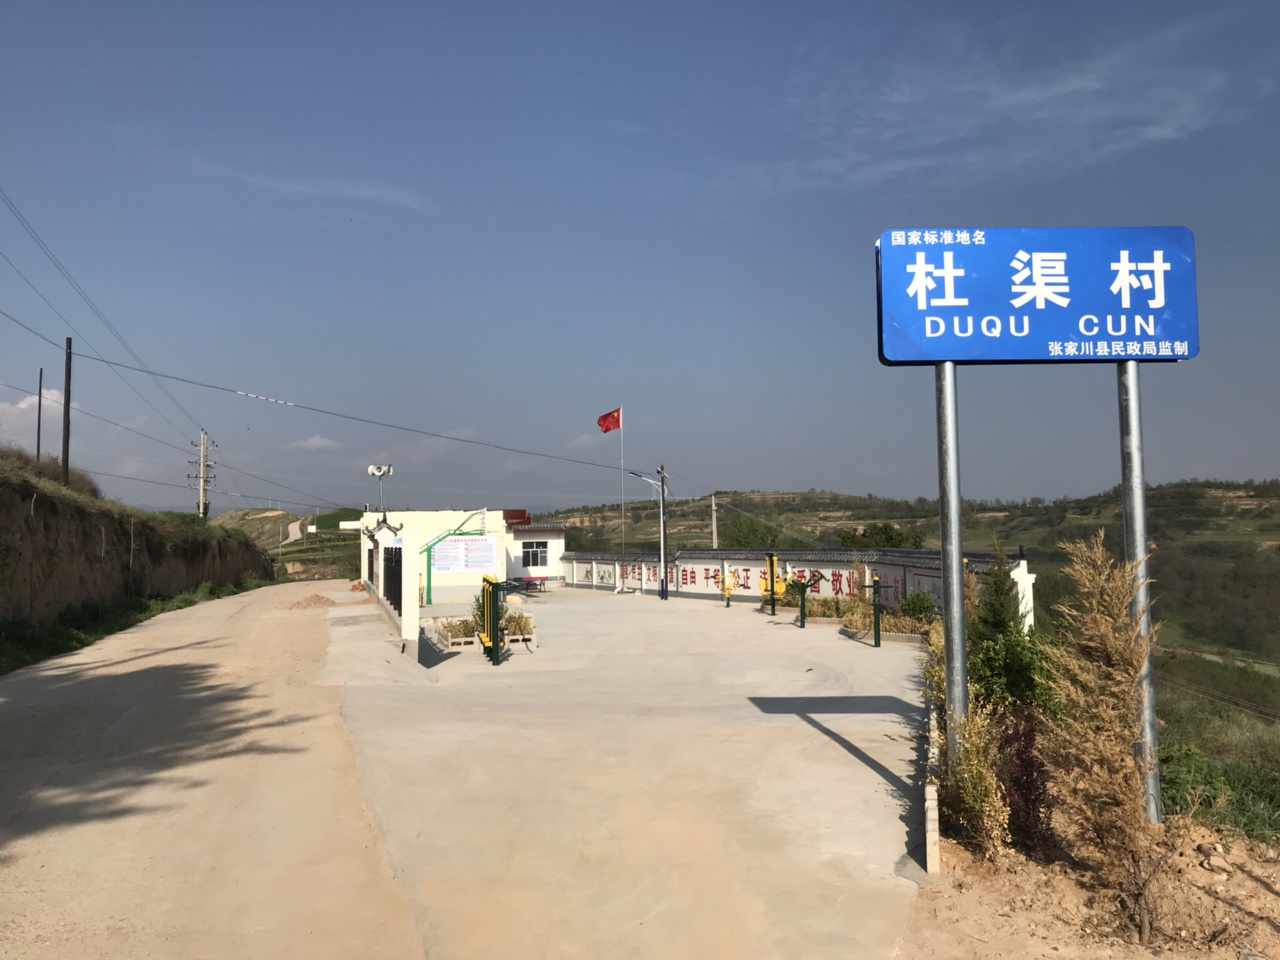 【文化惠民】木河乡杜渠村综合文化服务中心风�